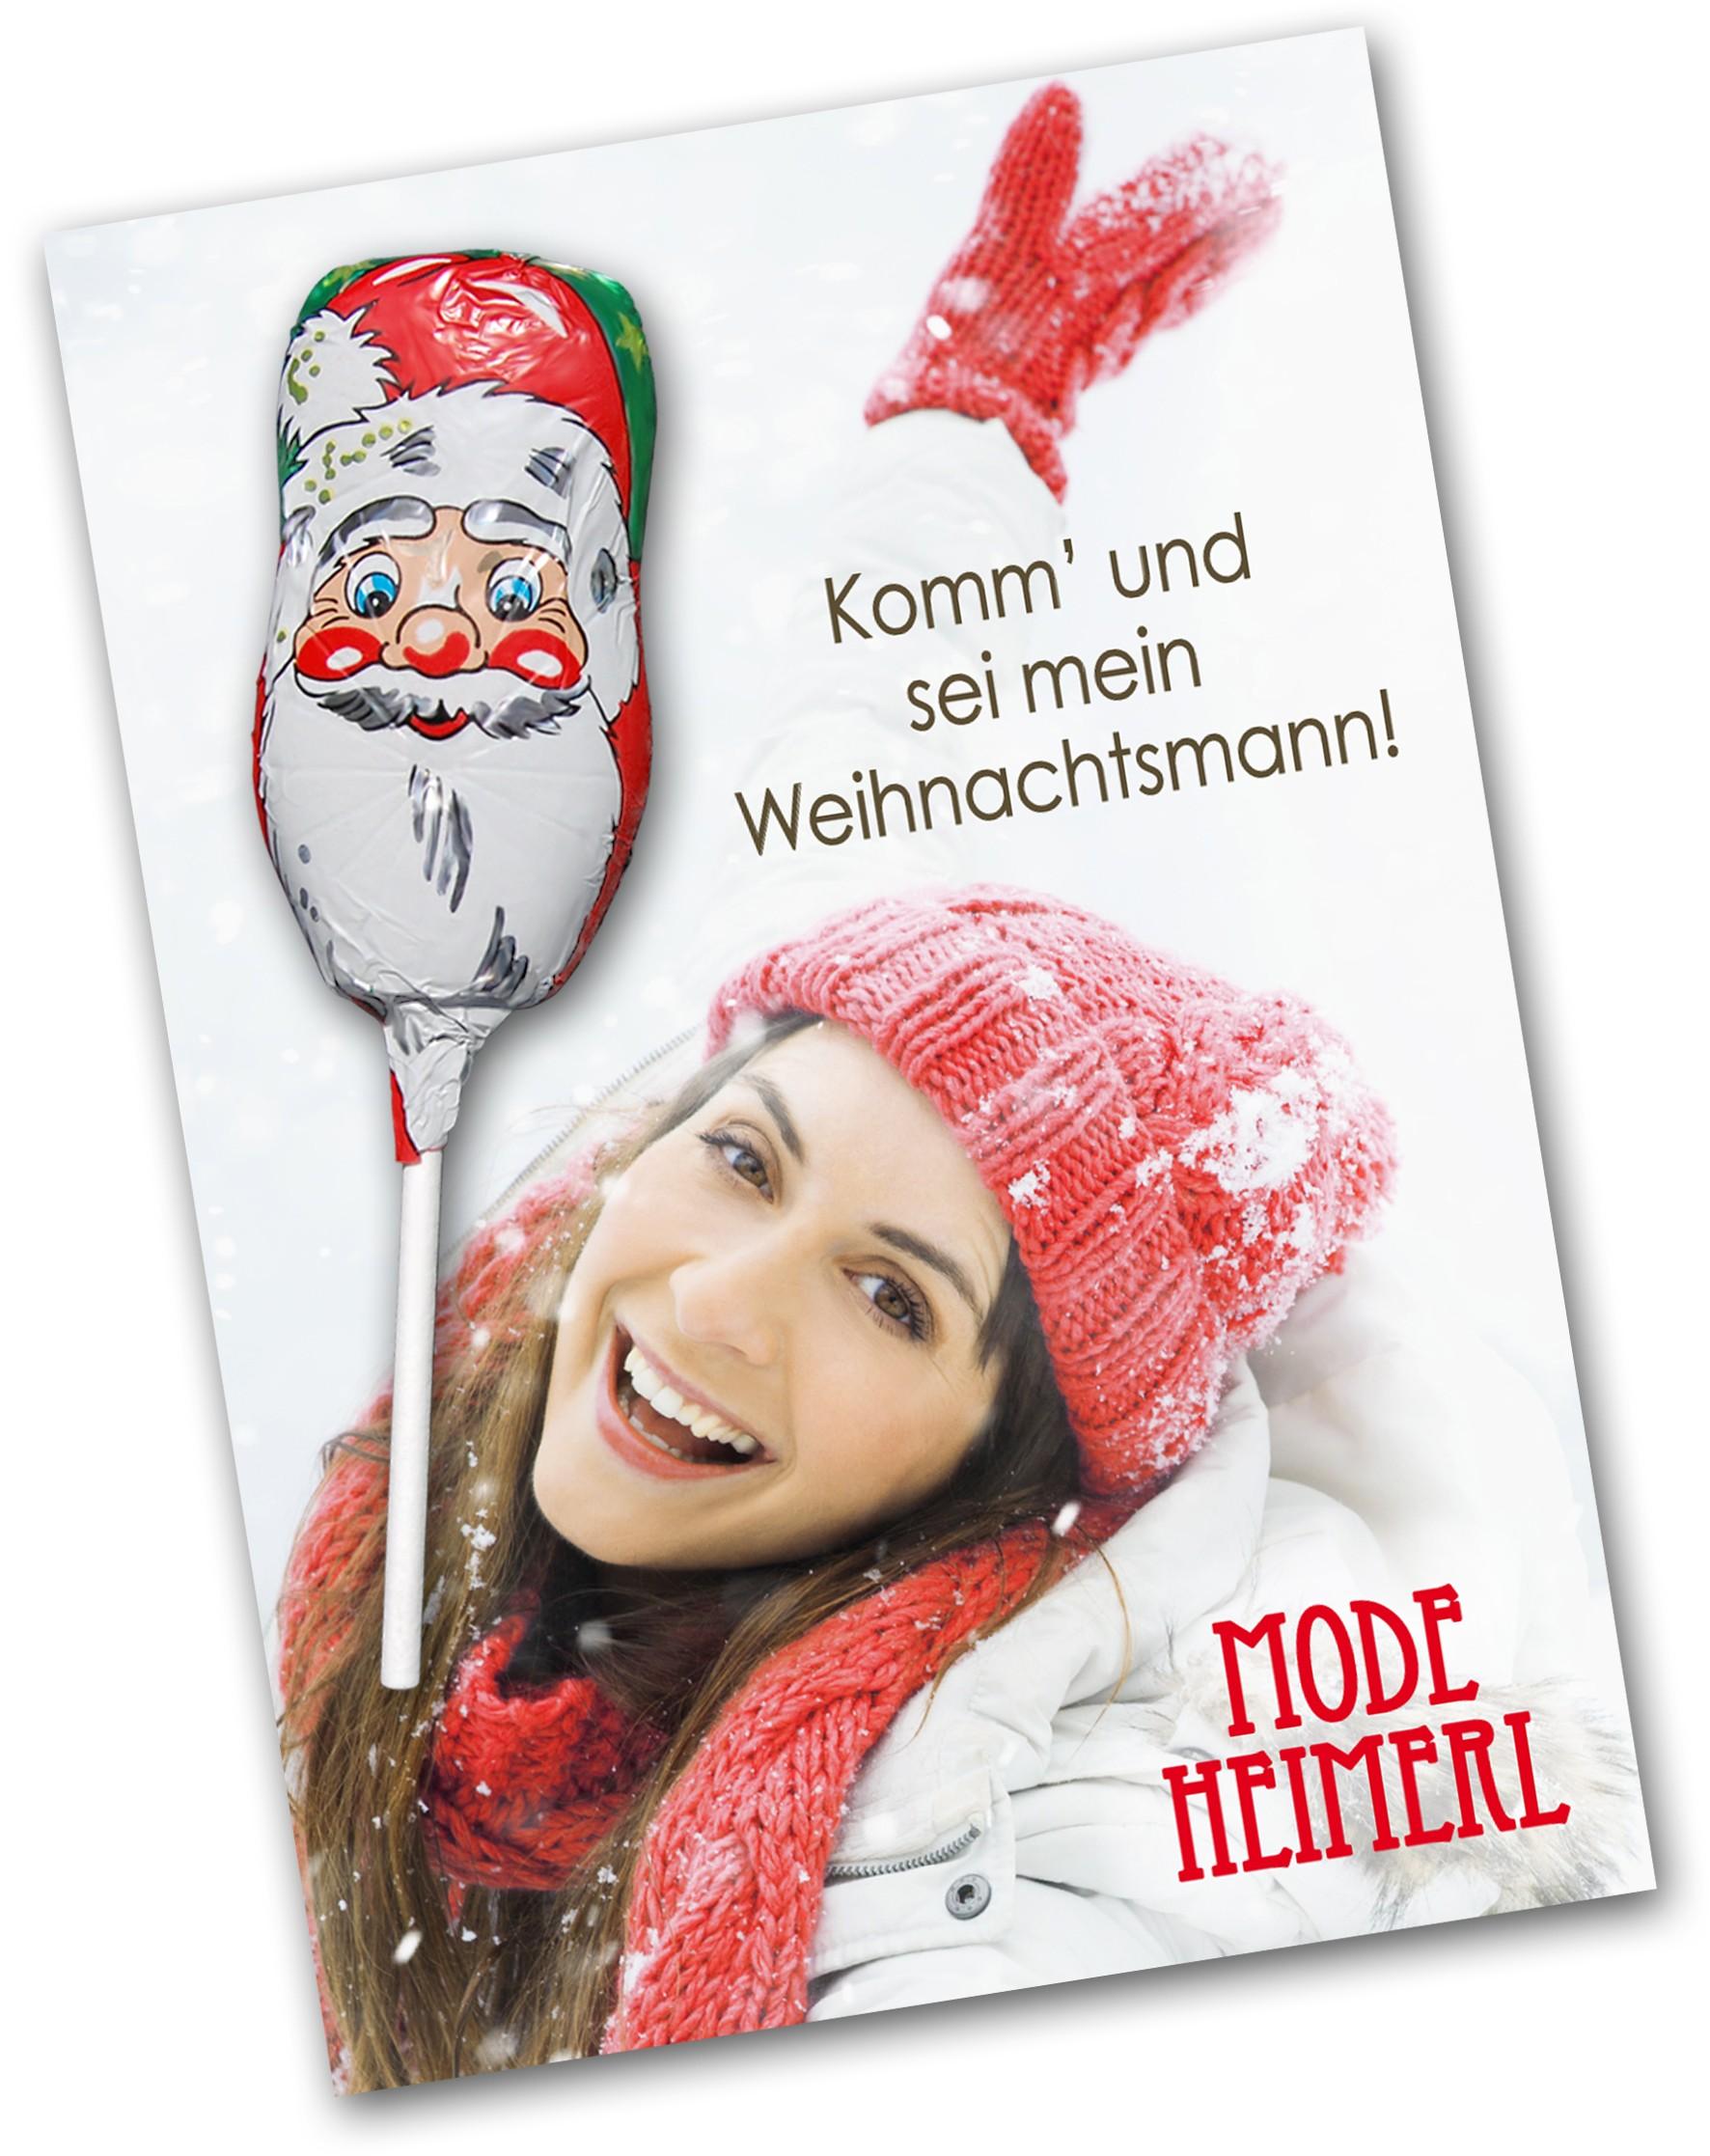 Grußkarte mit Weihnachtsschokololly